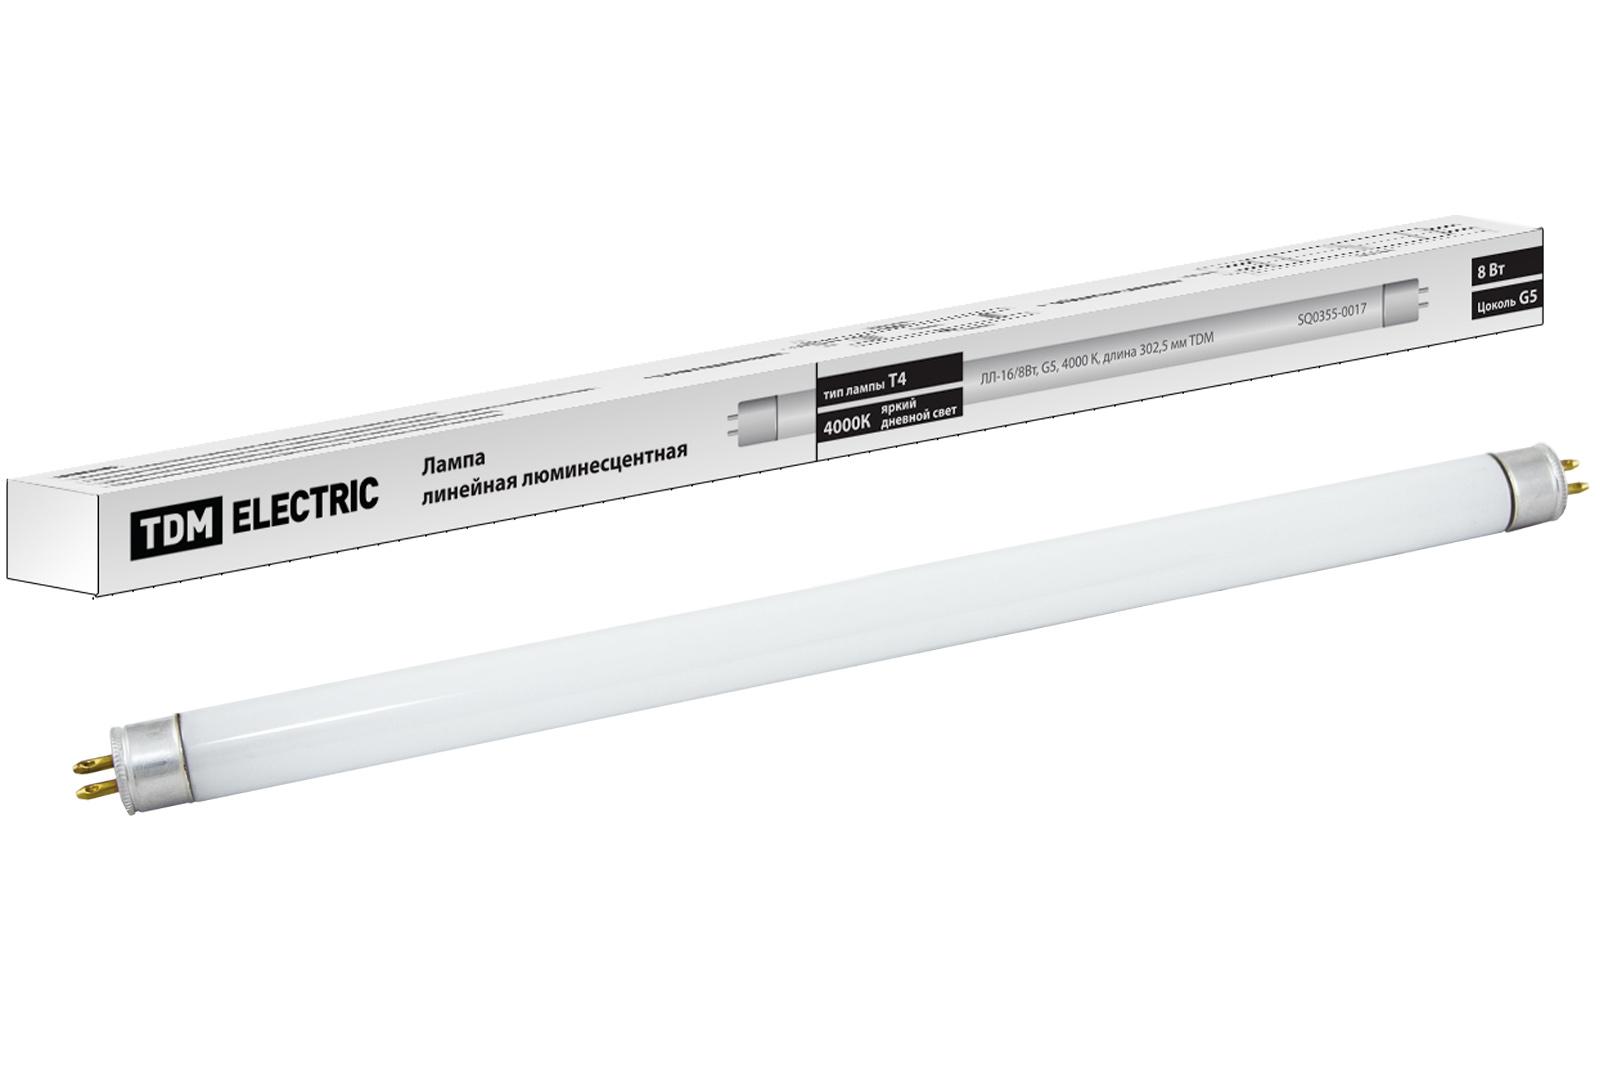 Лампа люминесцентная линейная двухцокольная ЛЛ-16/8 Вт, T5/G5, 4000 К, длина 302,5мм TDM SQ0355-0017 TDM Electric